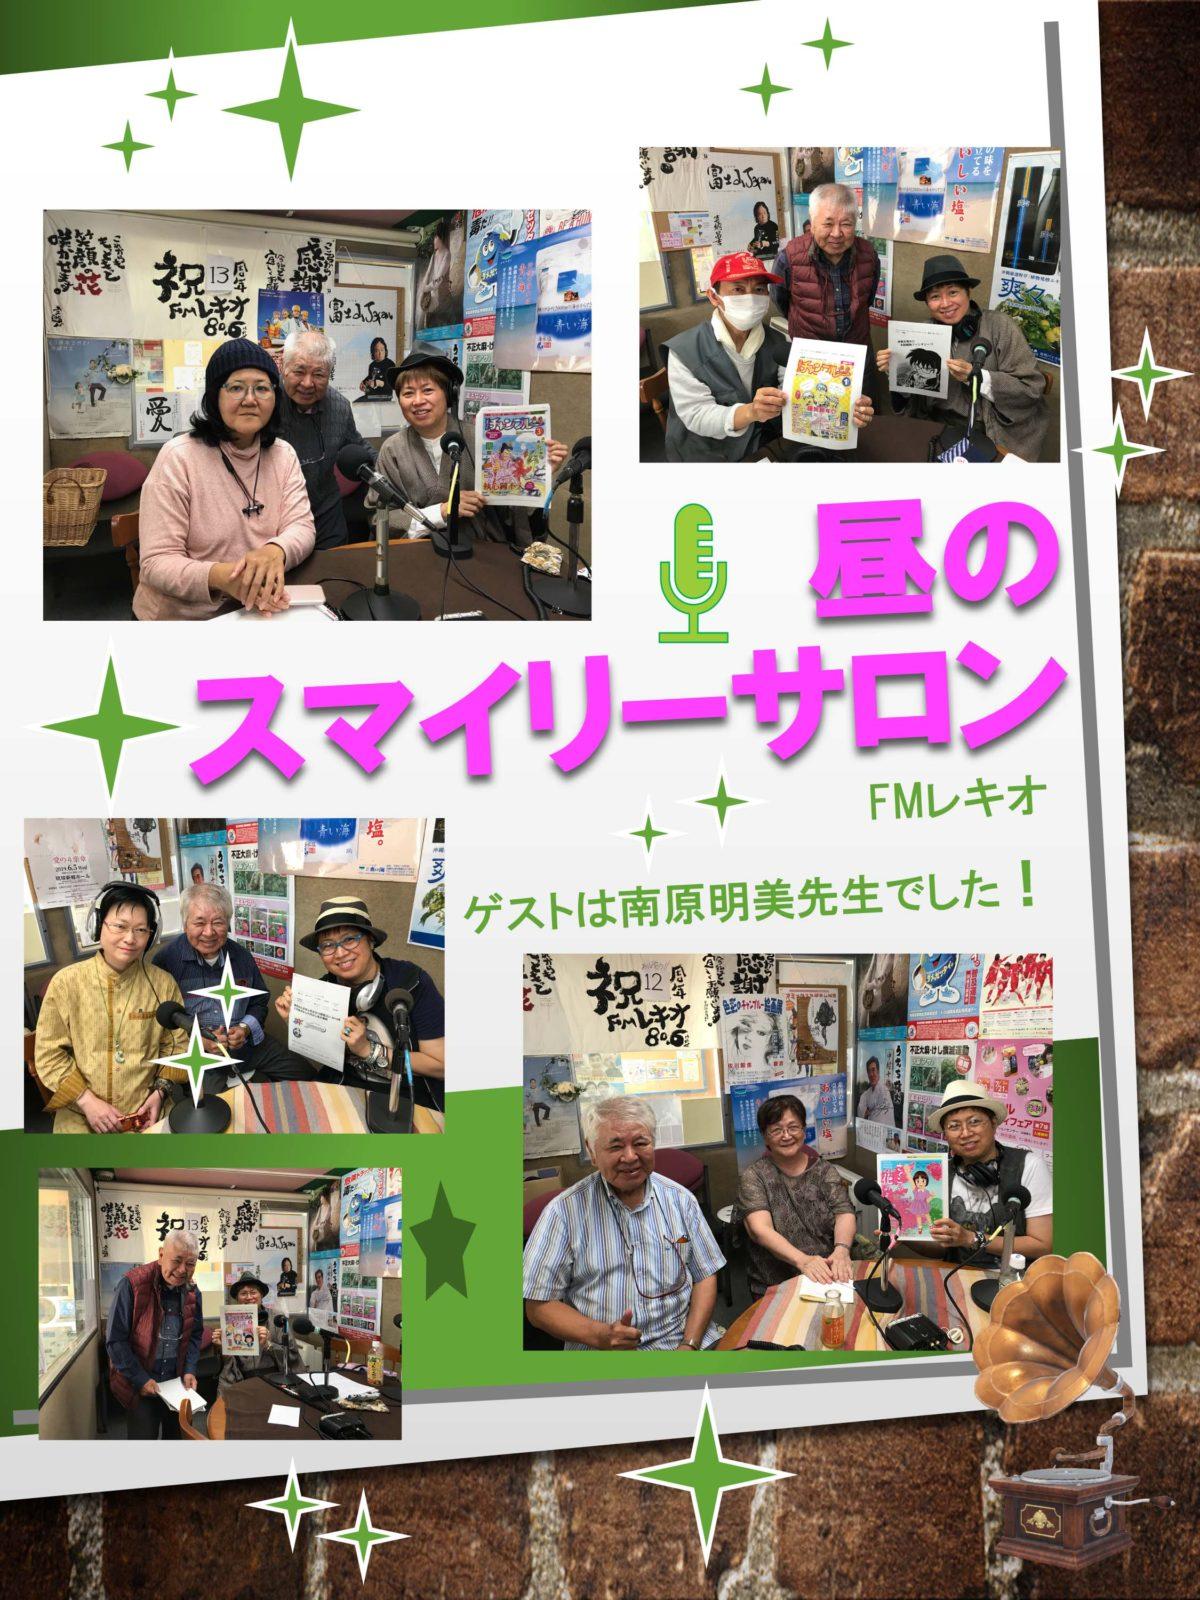 『昼のスマイリーサロン』3月13日(金)は南原明美先生がゲストでした!